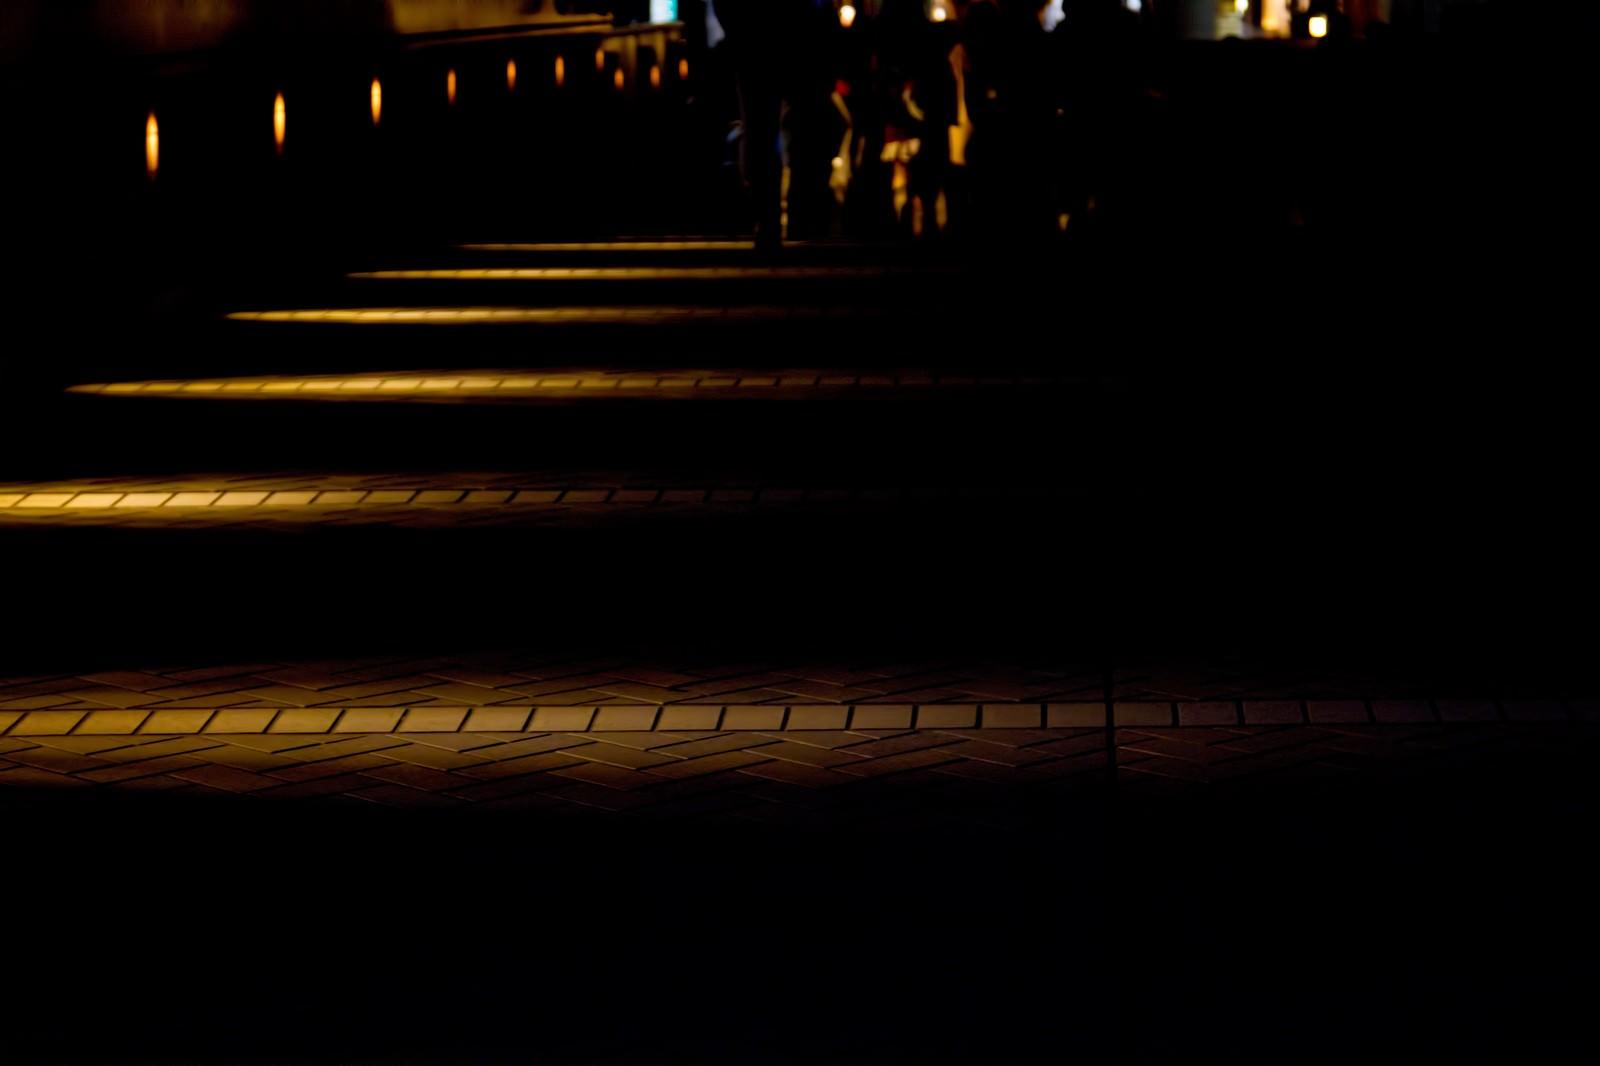 「明かりを照らす夜道」の写真